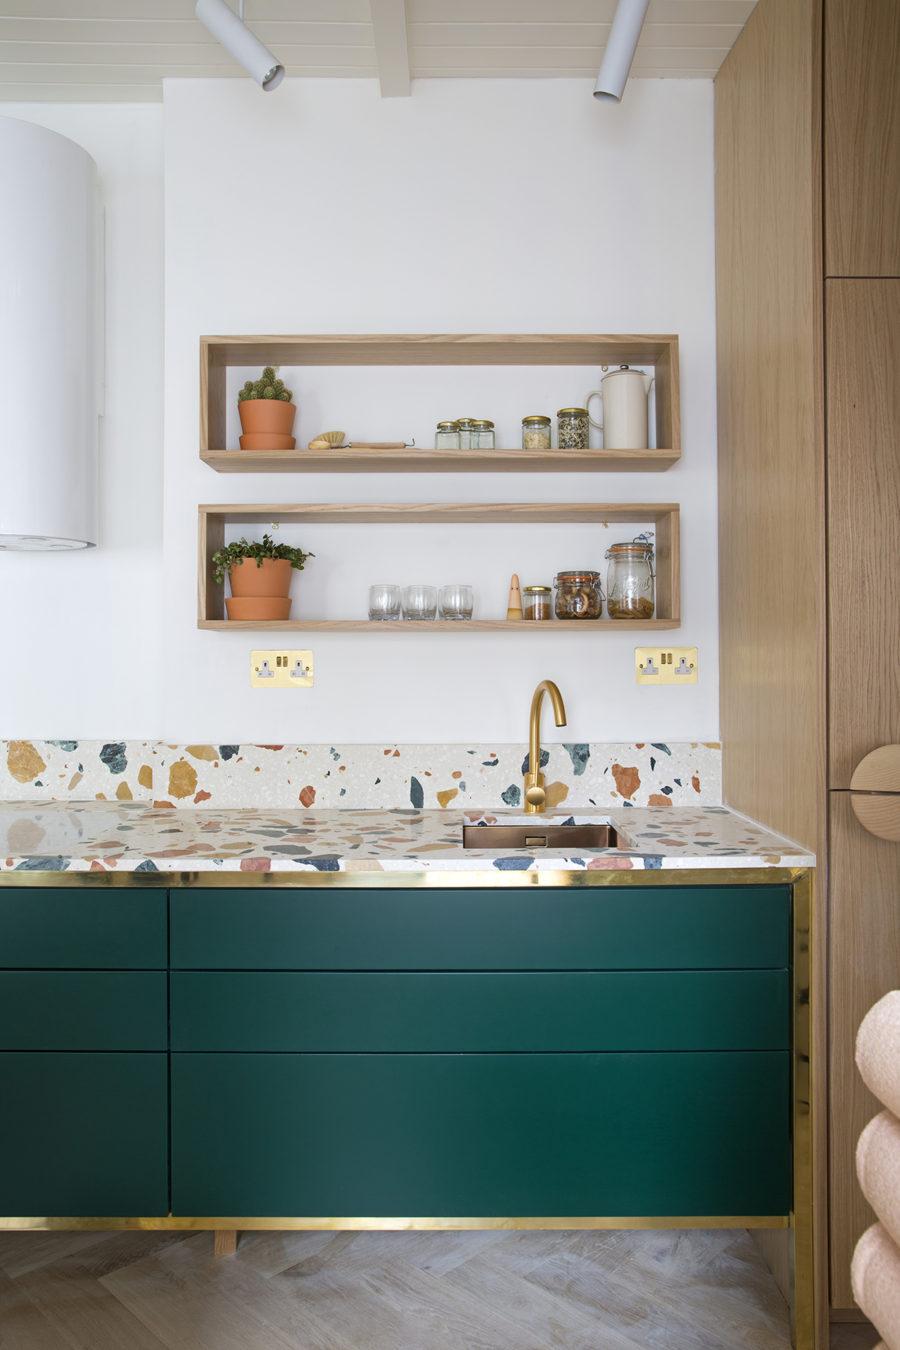 Элегантный дизайн кухонной столешницы для острова - белая поверхность с броскими разноцветными пятнами